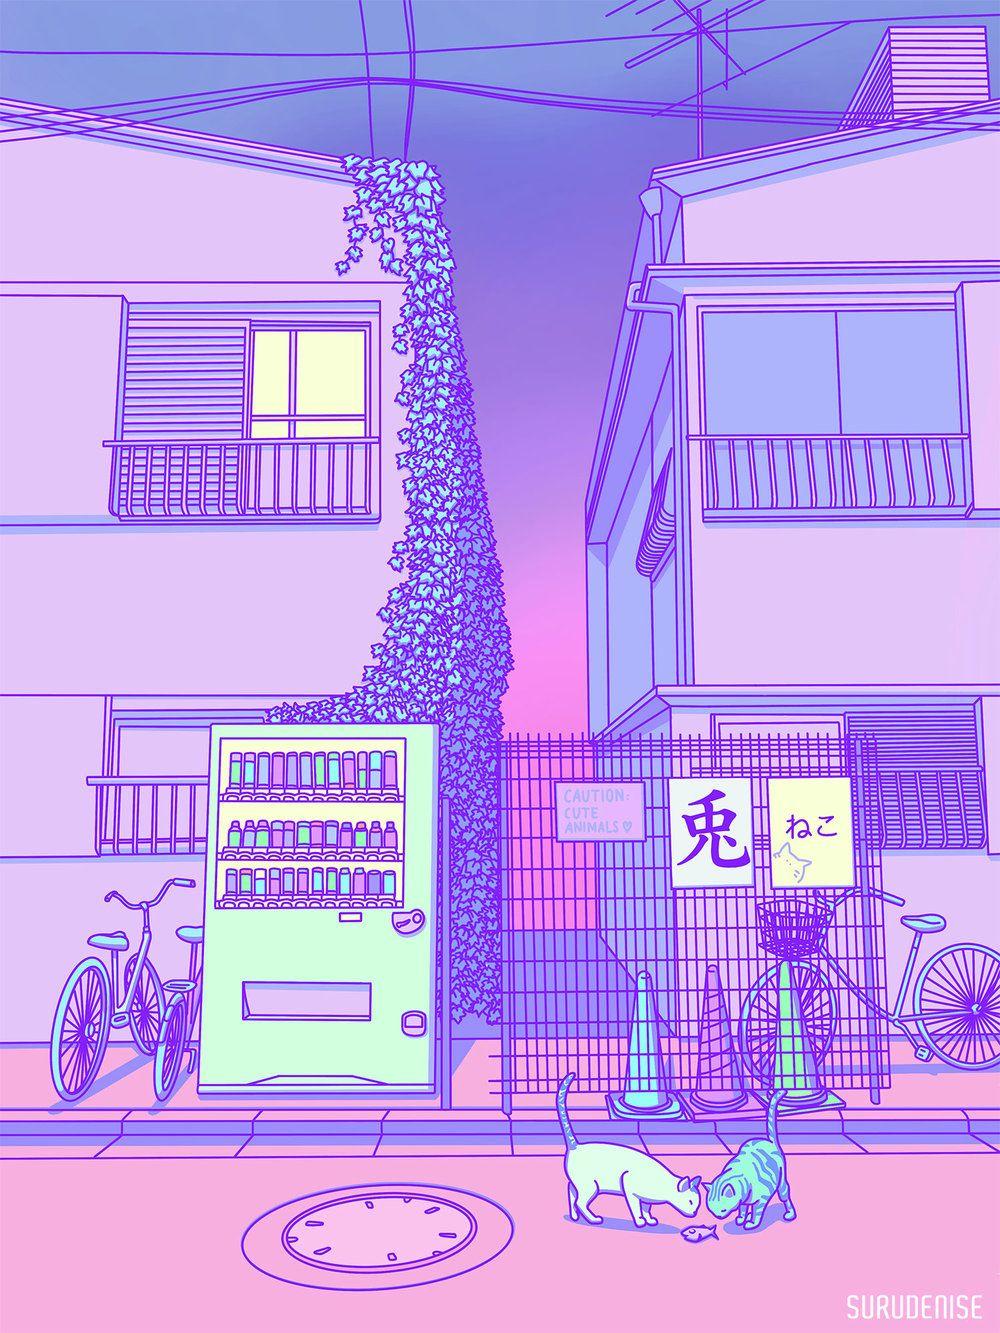 Pin By Sweet Xavier On A E S T H E T I C 美的 Aesthetic Pastel